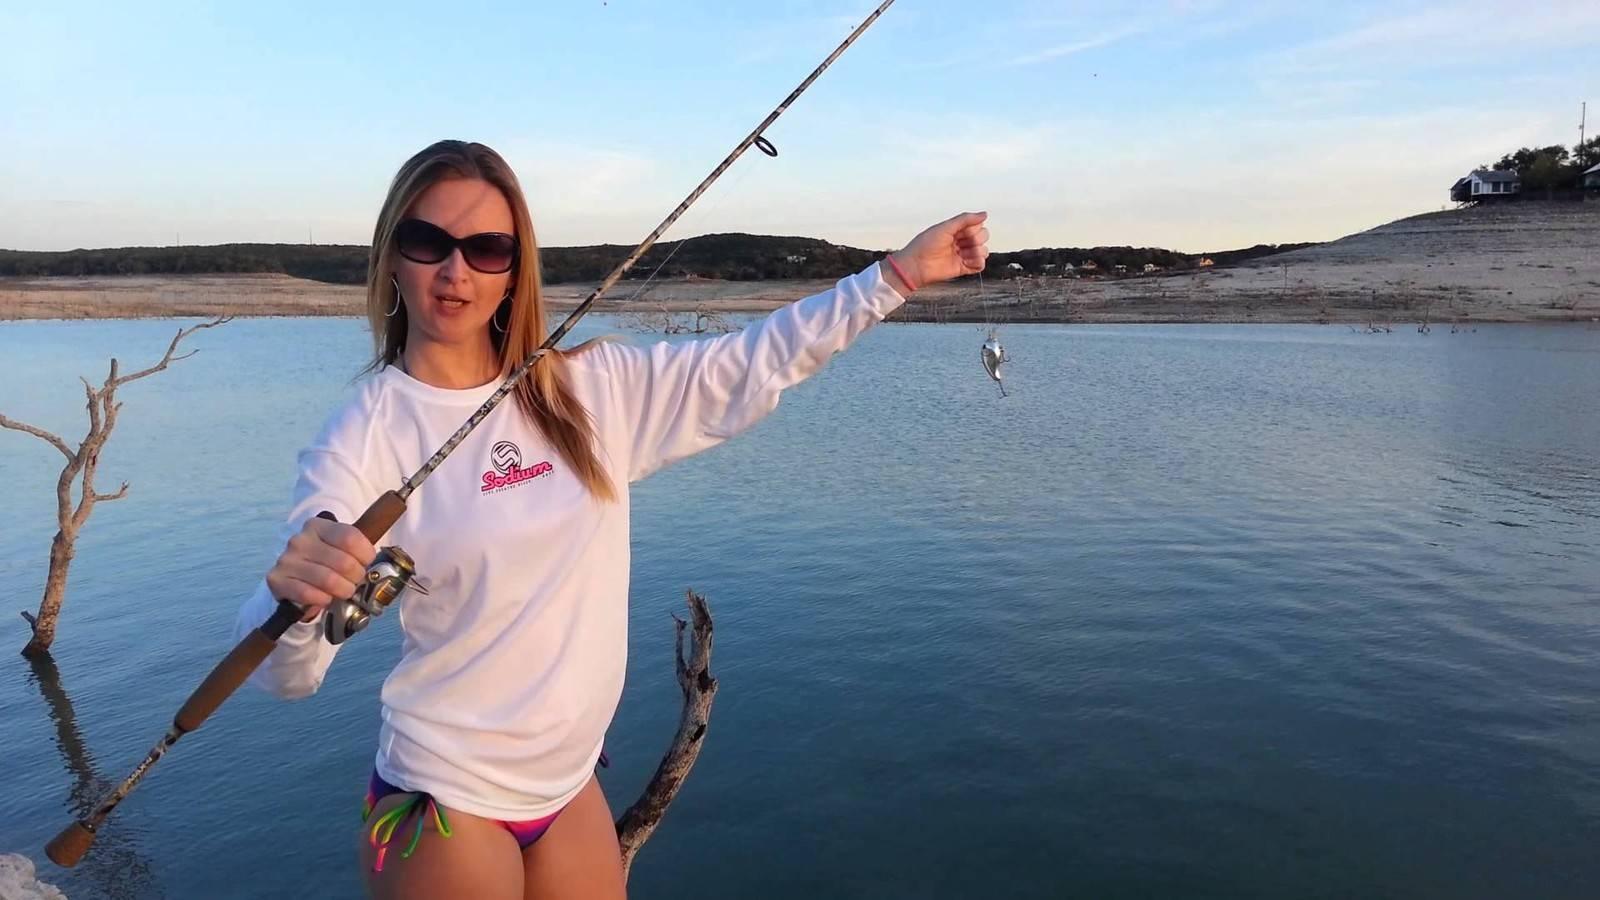 Рыбалка на озере сенеж: особенности, какая рыба водится, ловля в рыбном хозяйстве